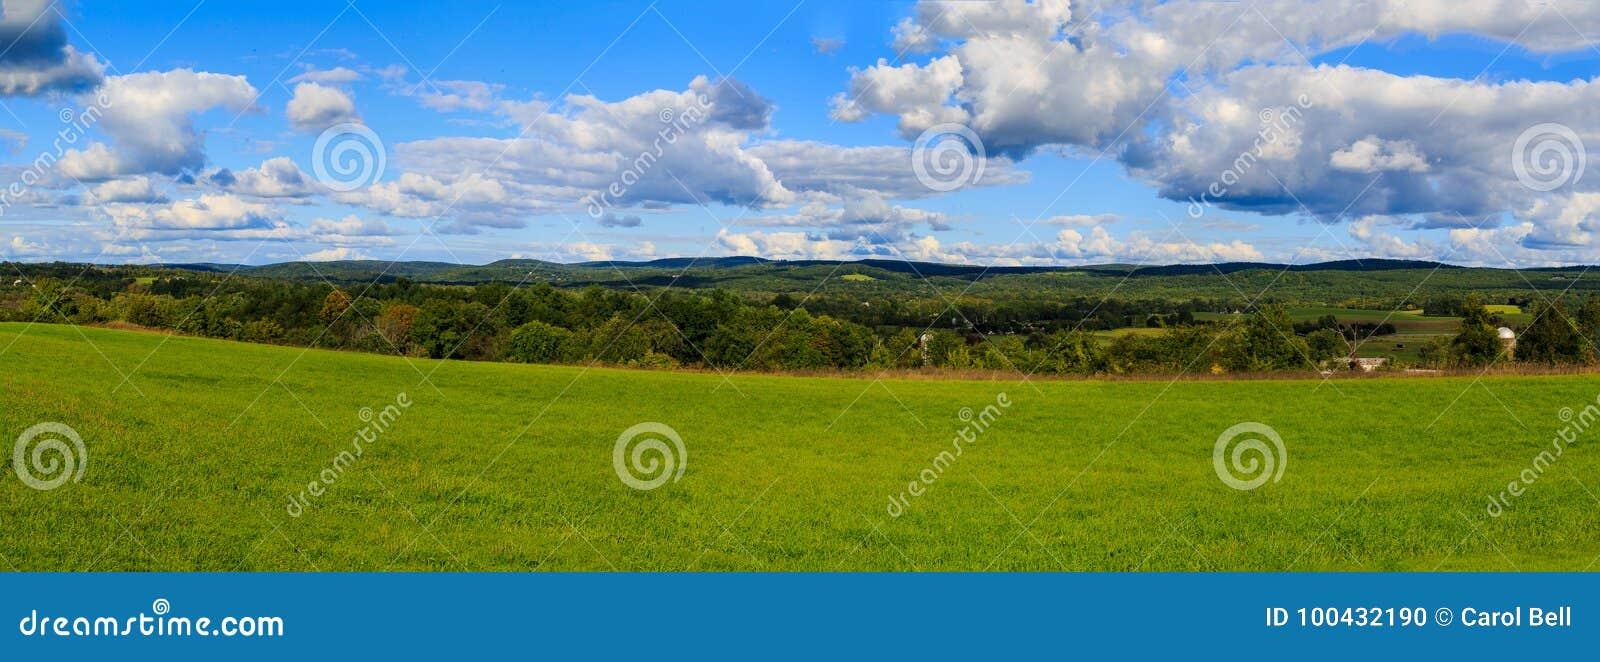 Hudson Valley-horizon met landbouwgrond en weiden op een wolk gevulde de zomerdag